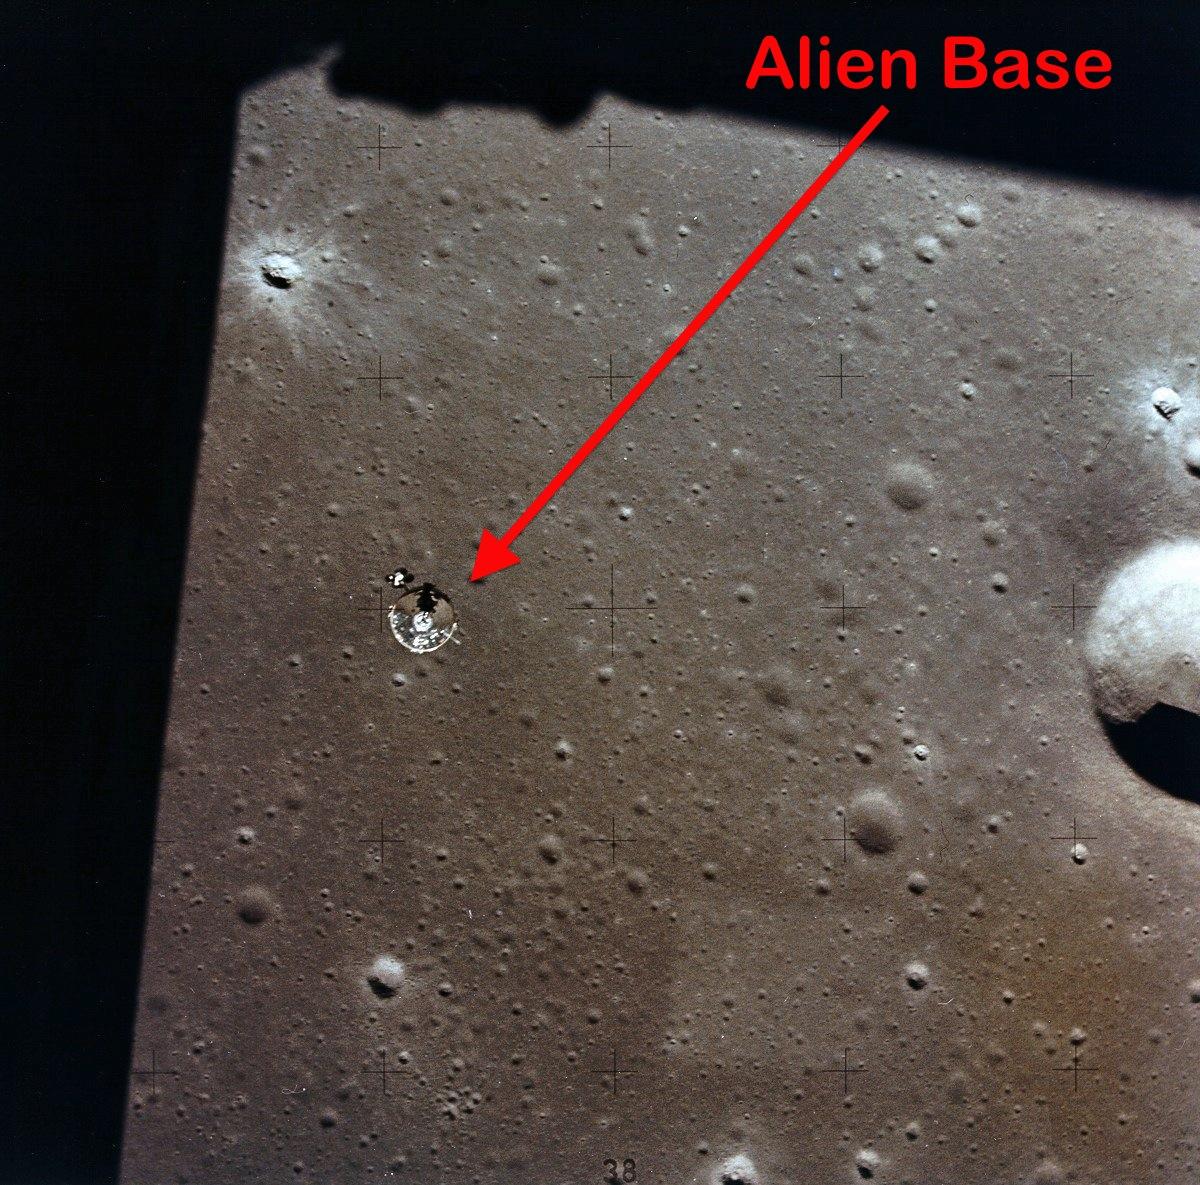 База пришельцев на Луне в высоком разрешении